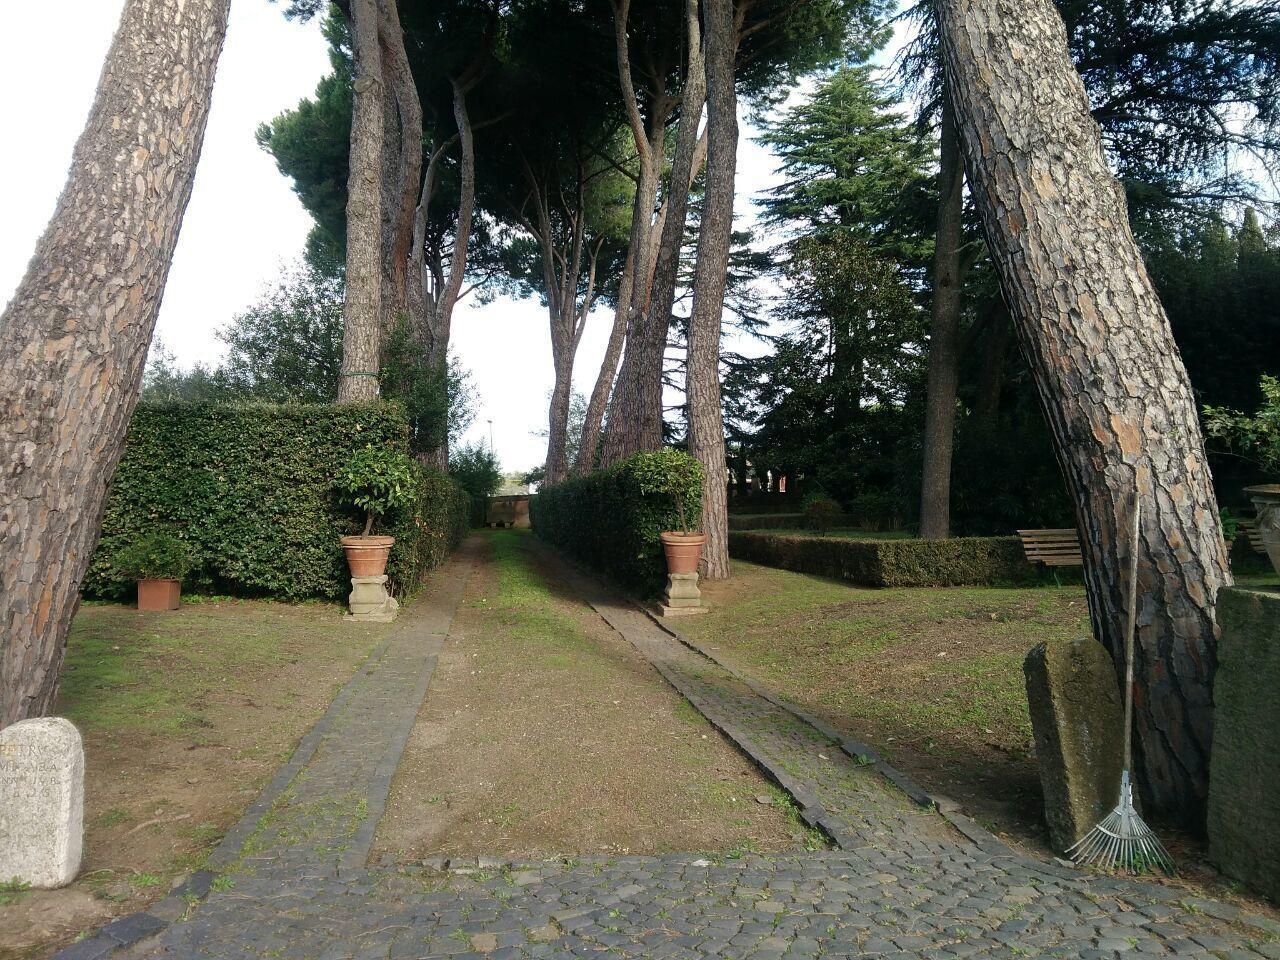 Продается роскошная историческая виллa в Фраскати, Италия - Фото 5